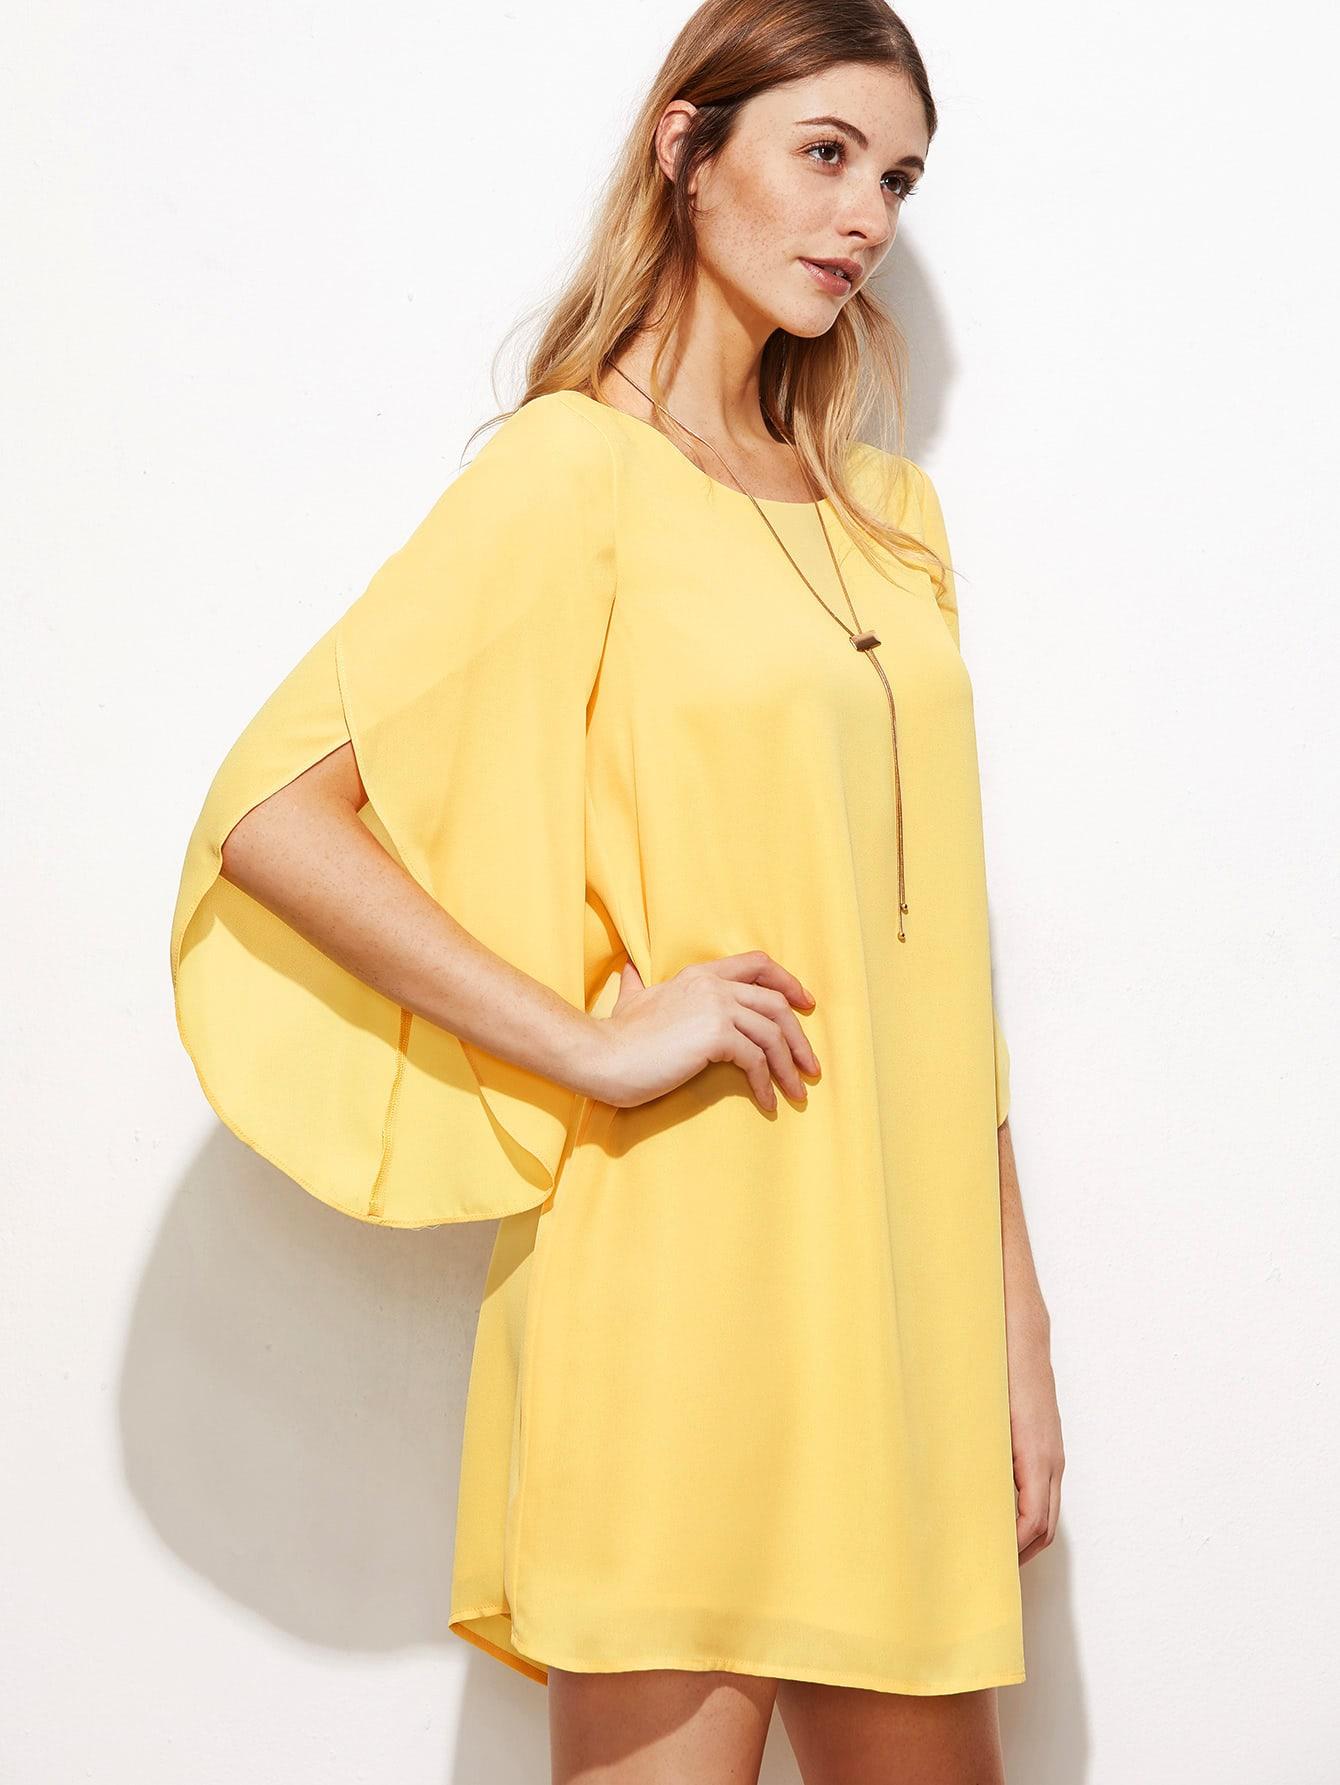 dress161118732_2